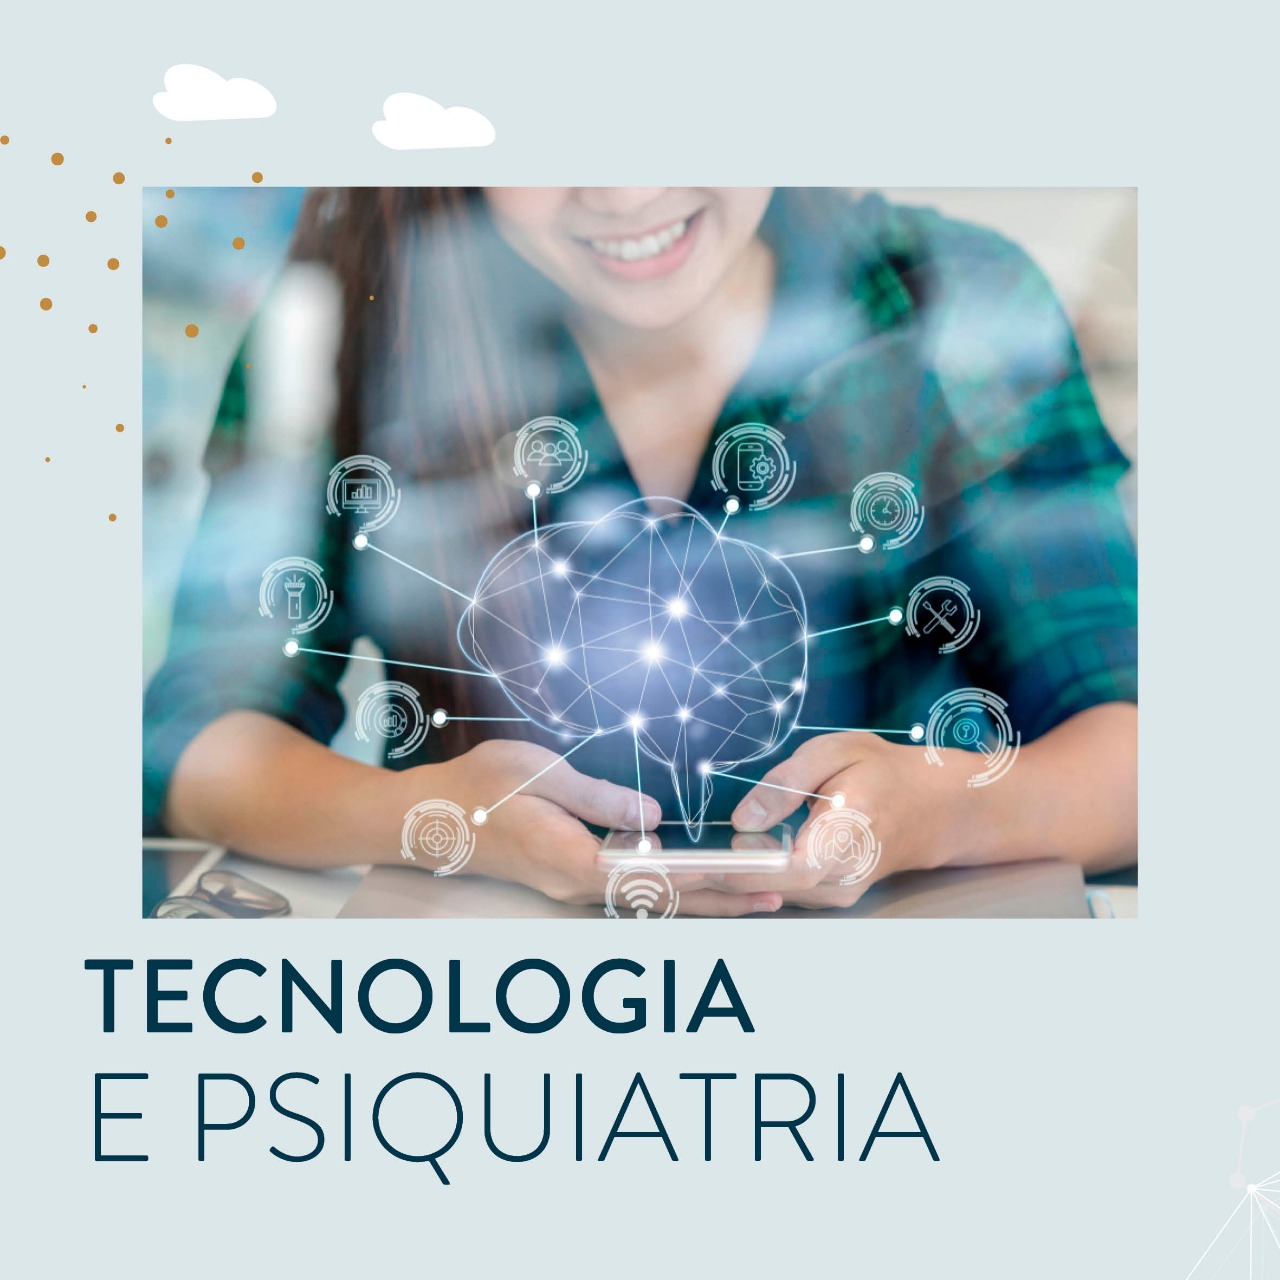 Tecnologia e psiquiatria: o médico será substituível?